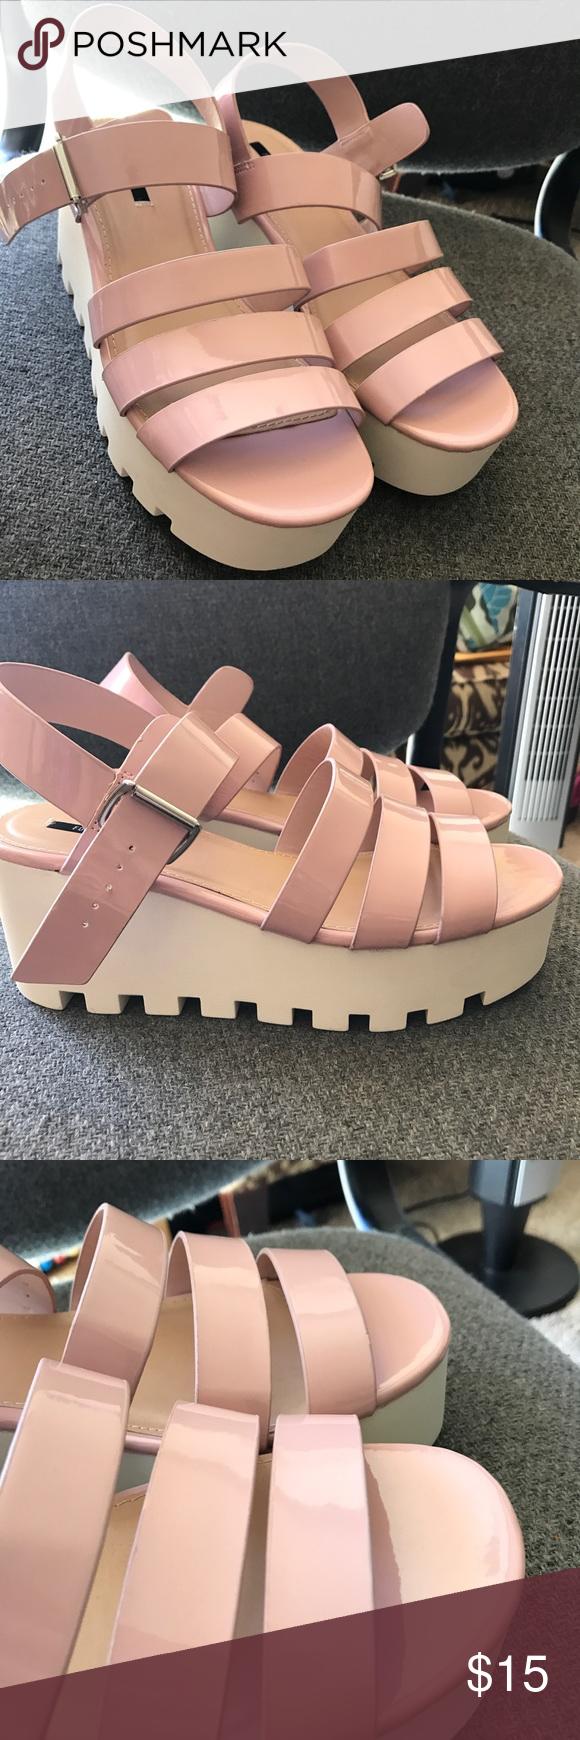 Forever 21 platform sandals So trendy